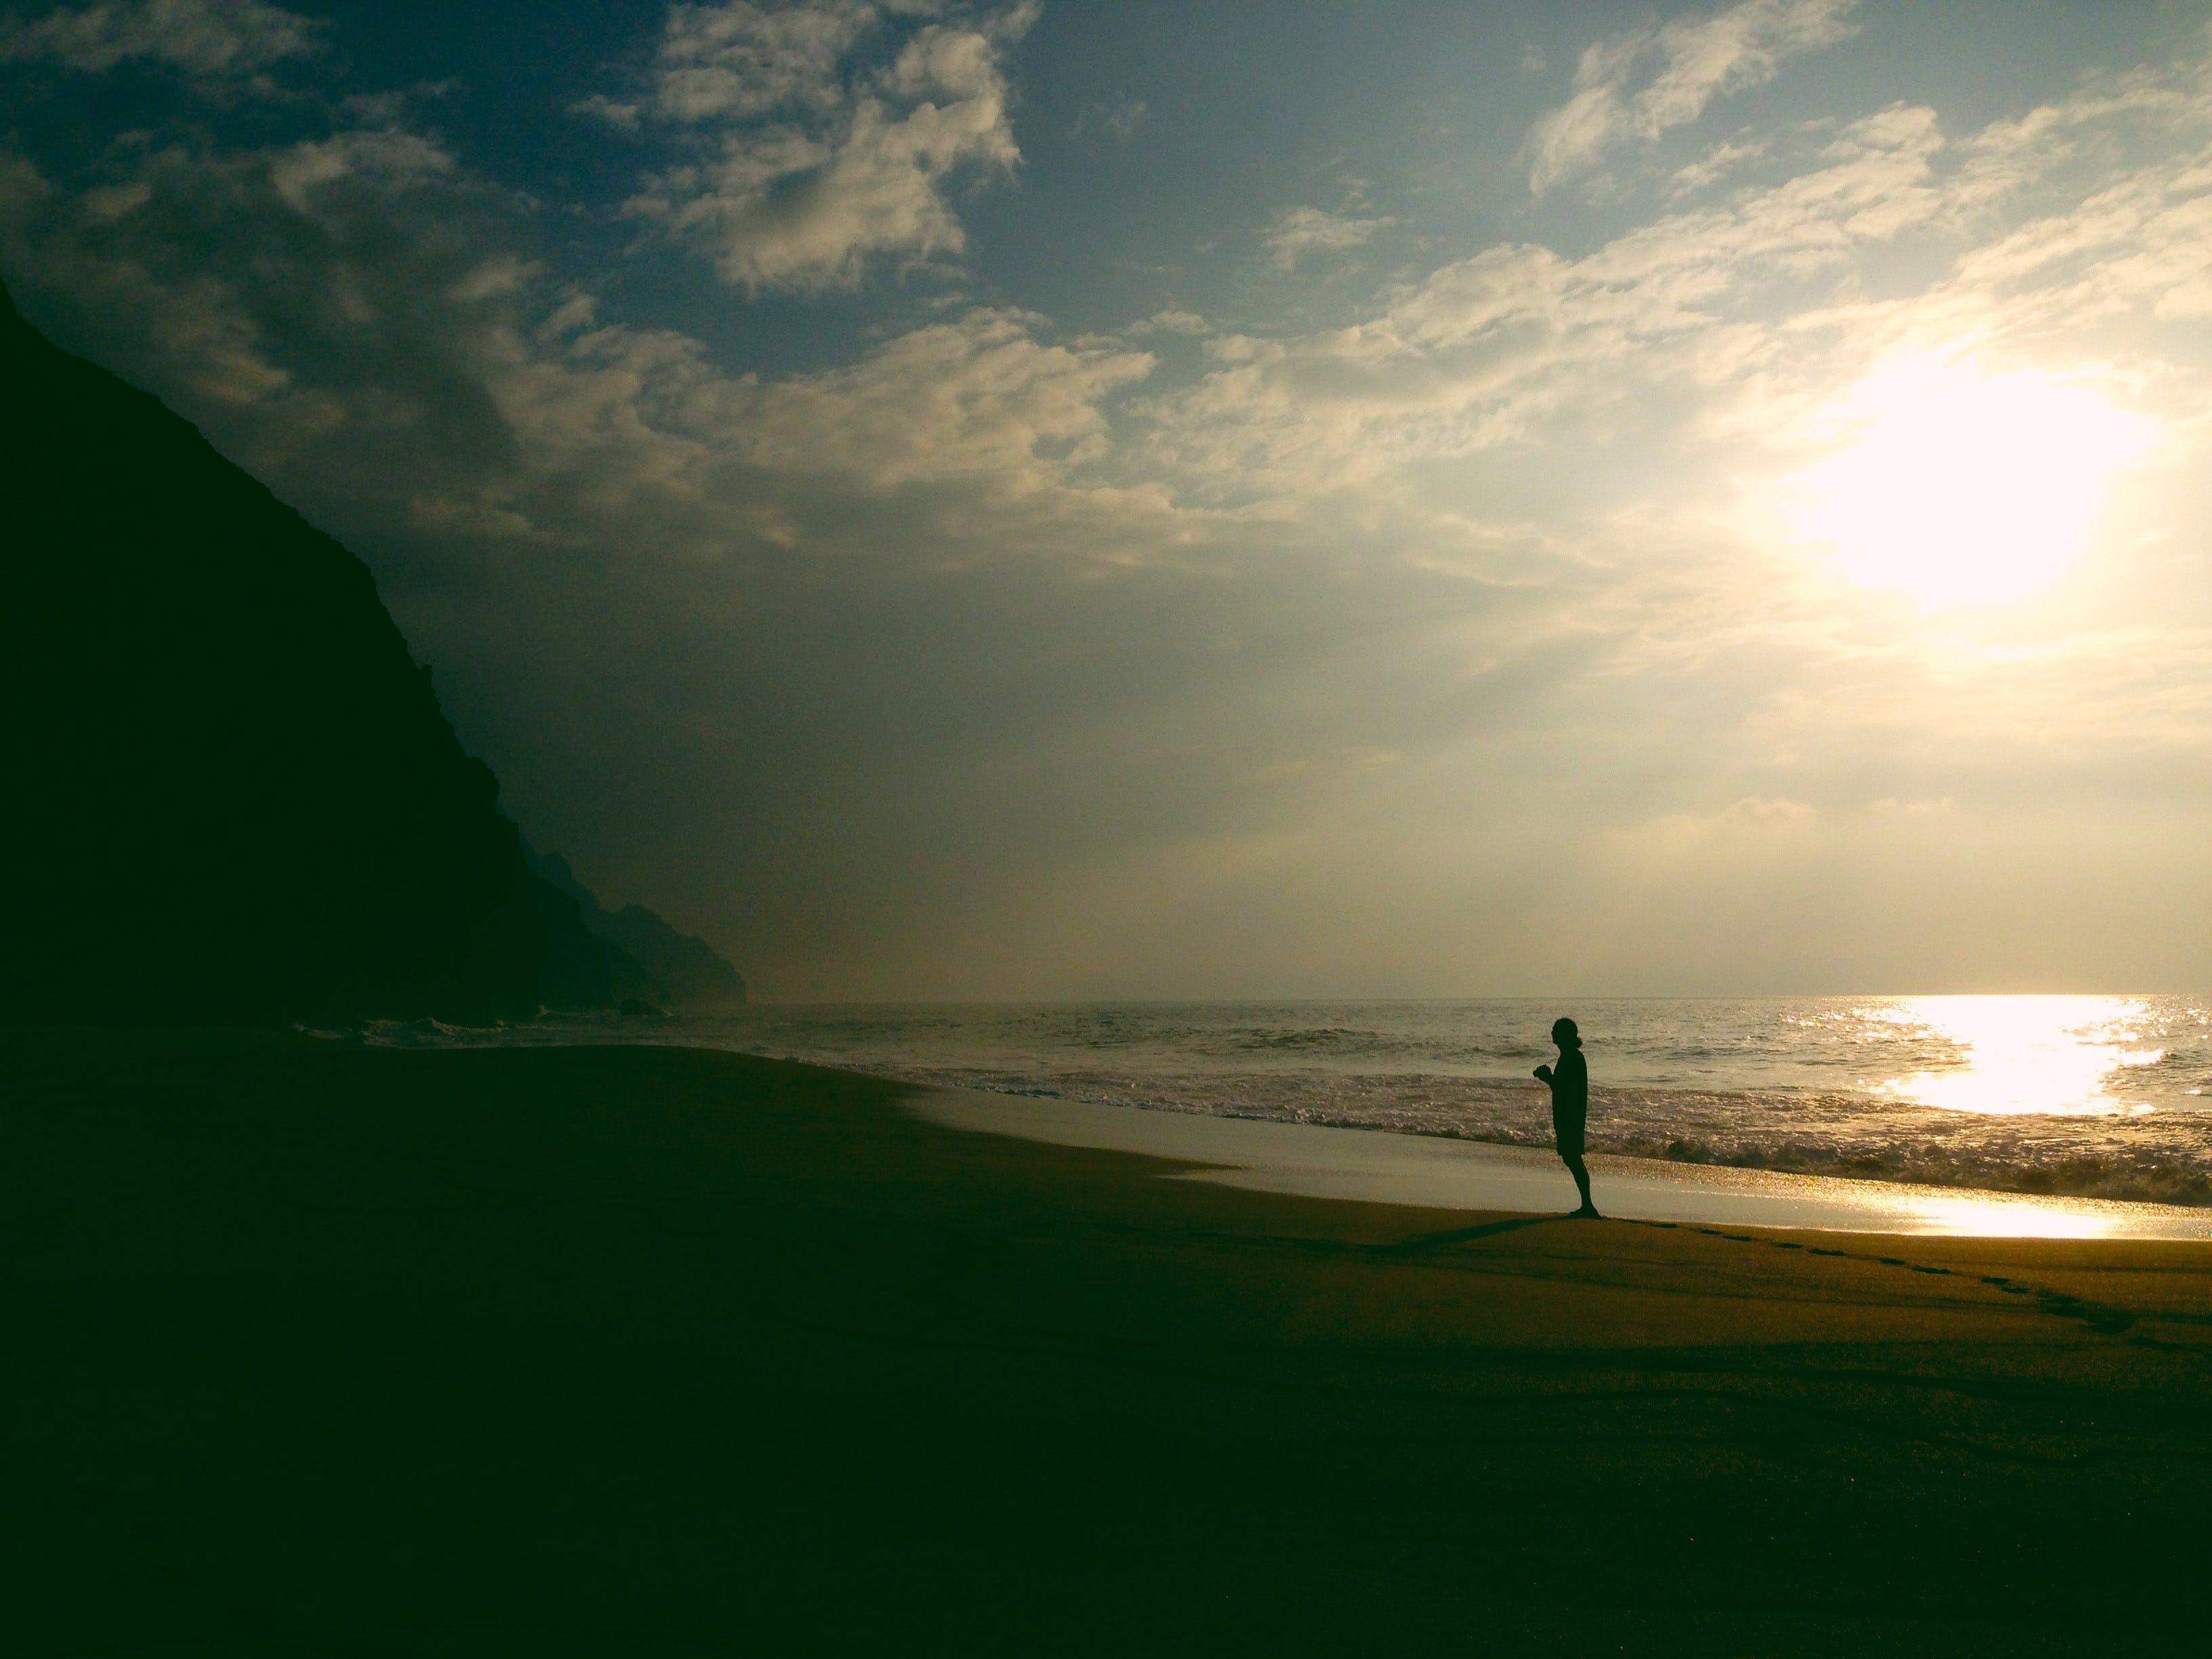 beach, person, sea